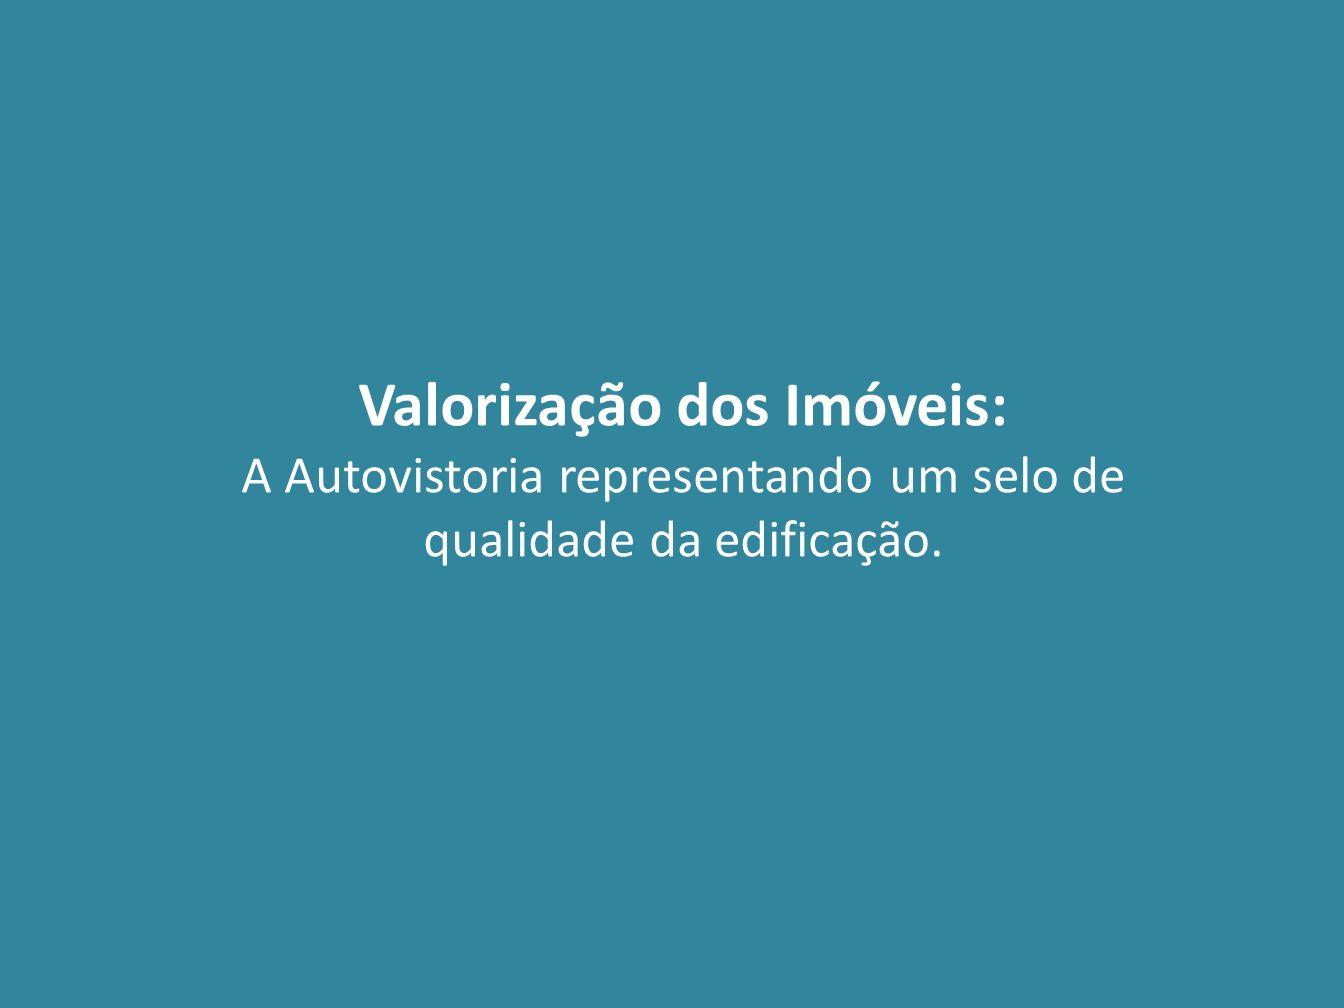 Valorização dos Imóveis: A Autovistoria representando um selo de qualidade da edificação.